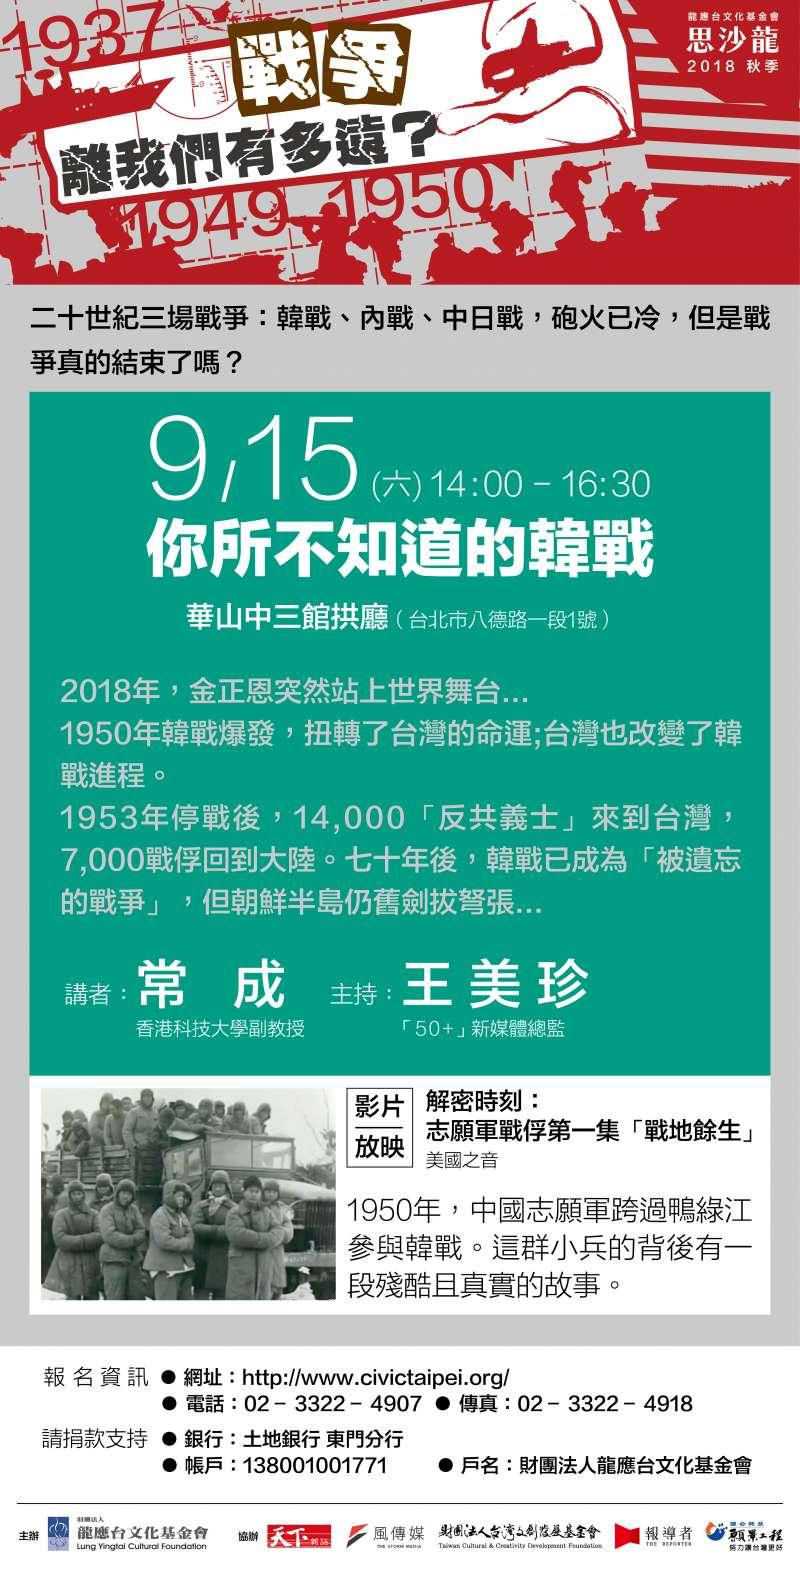 秋季第一場思沙龍講座「你所不知道的韓戰」活動資訊。(龍應台文化基金會提供)